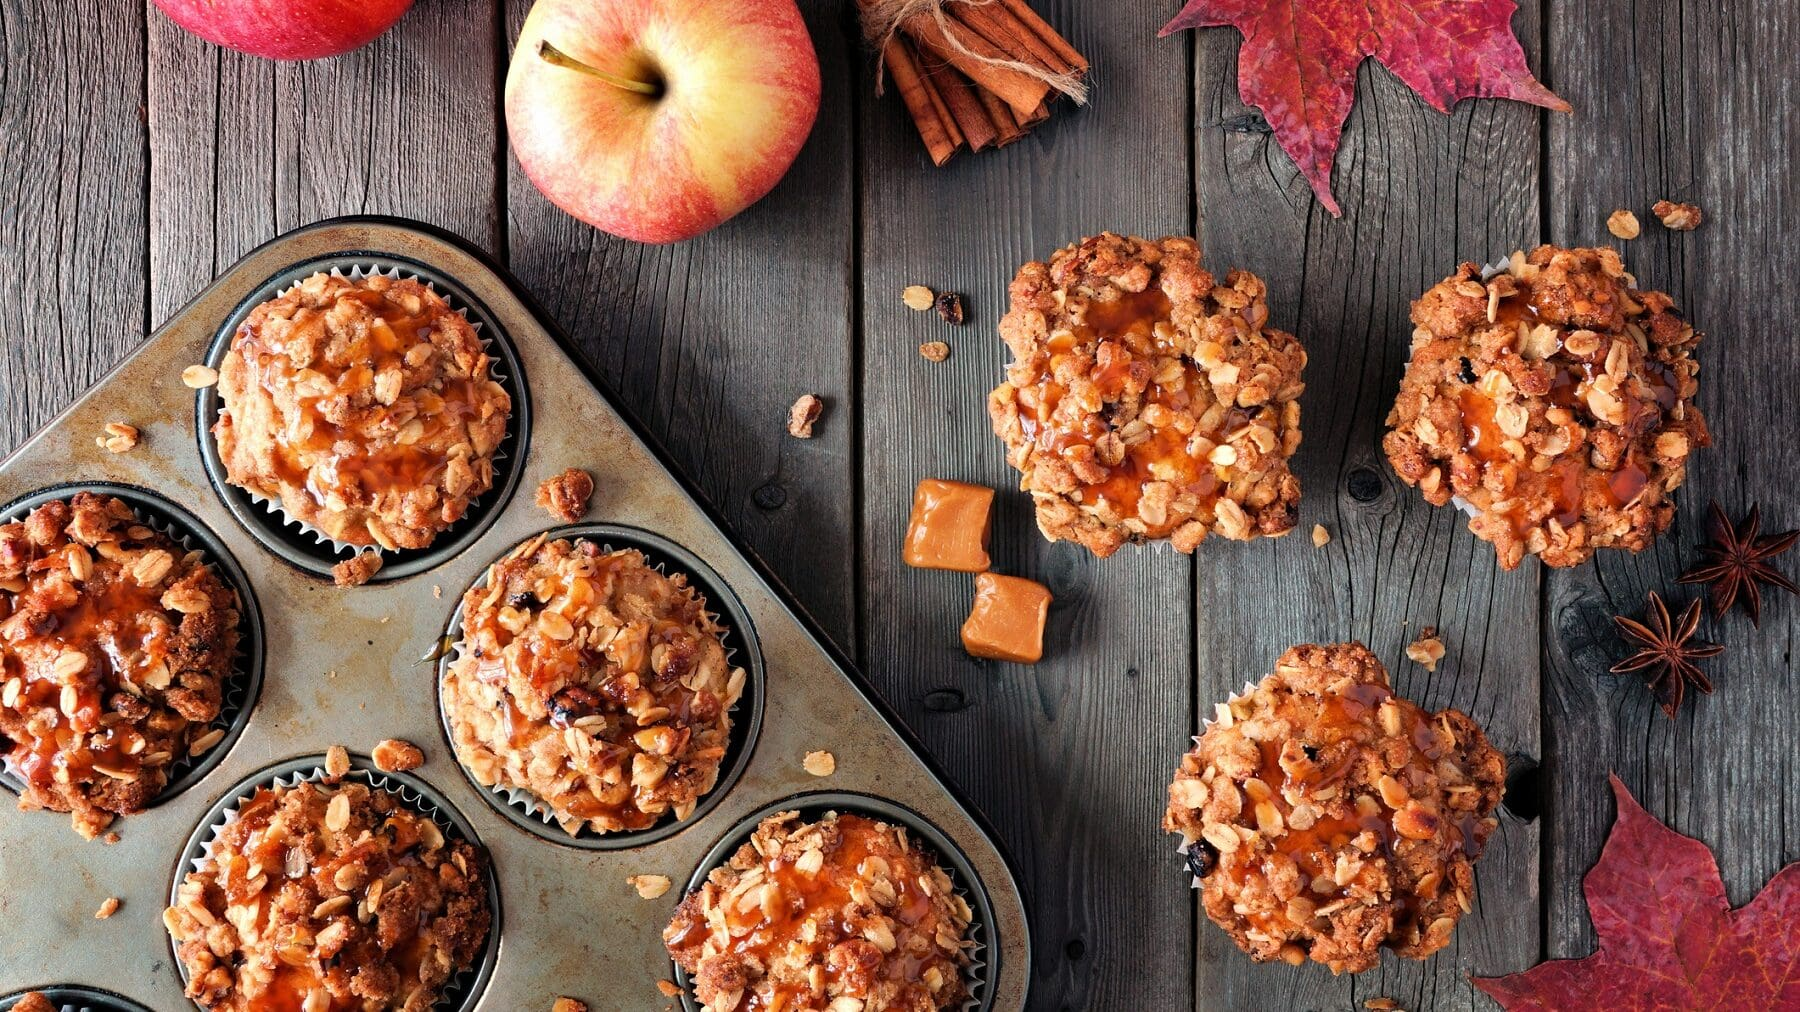 Drei Apfel-Karamell-Streusel-Muffins liegen auf einem grauen Holztisch. Neben ihnen steht eine Muffinform mit weiteren Muffins. Auf dem Tisch verteilt liegen Caramelwürfel, Haferflocken, Äpfel und Zimtstangen.